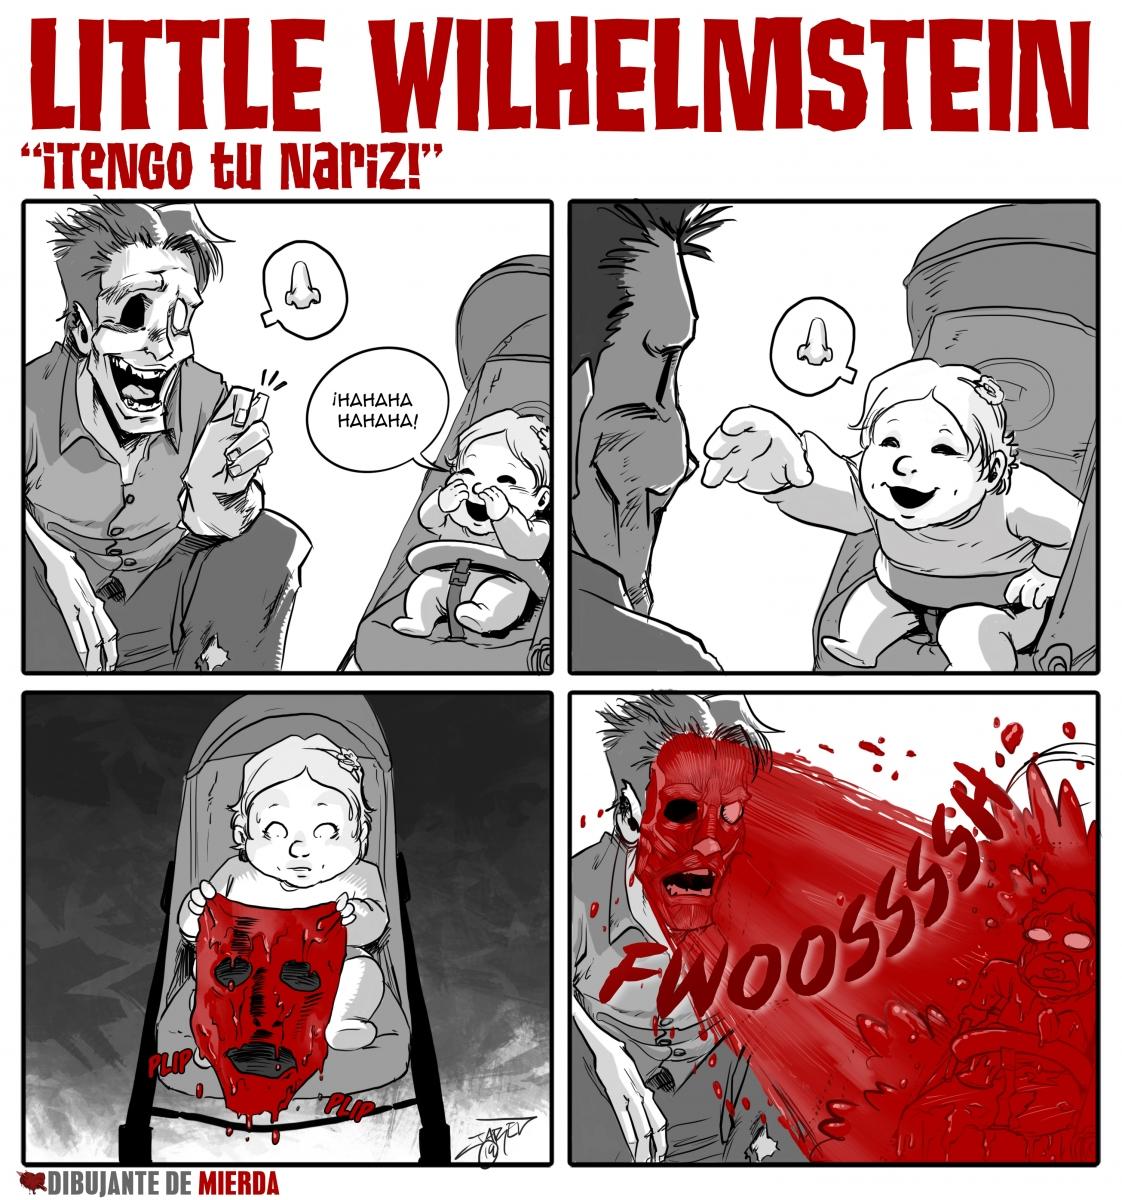 Wilhelmstein-Tengo-tu-nariz-web